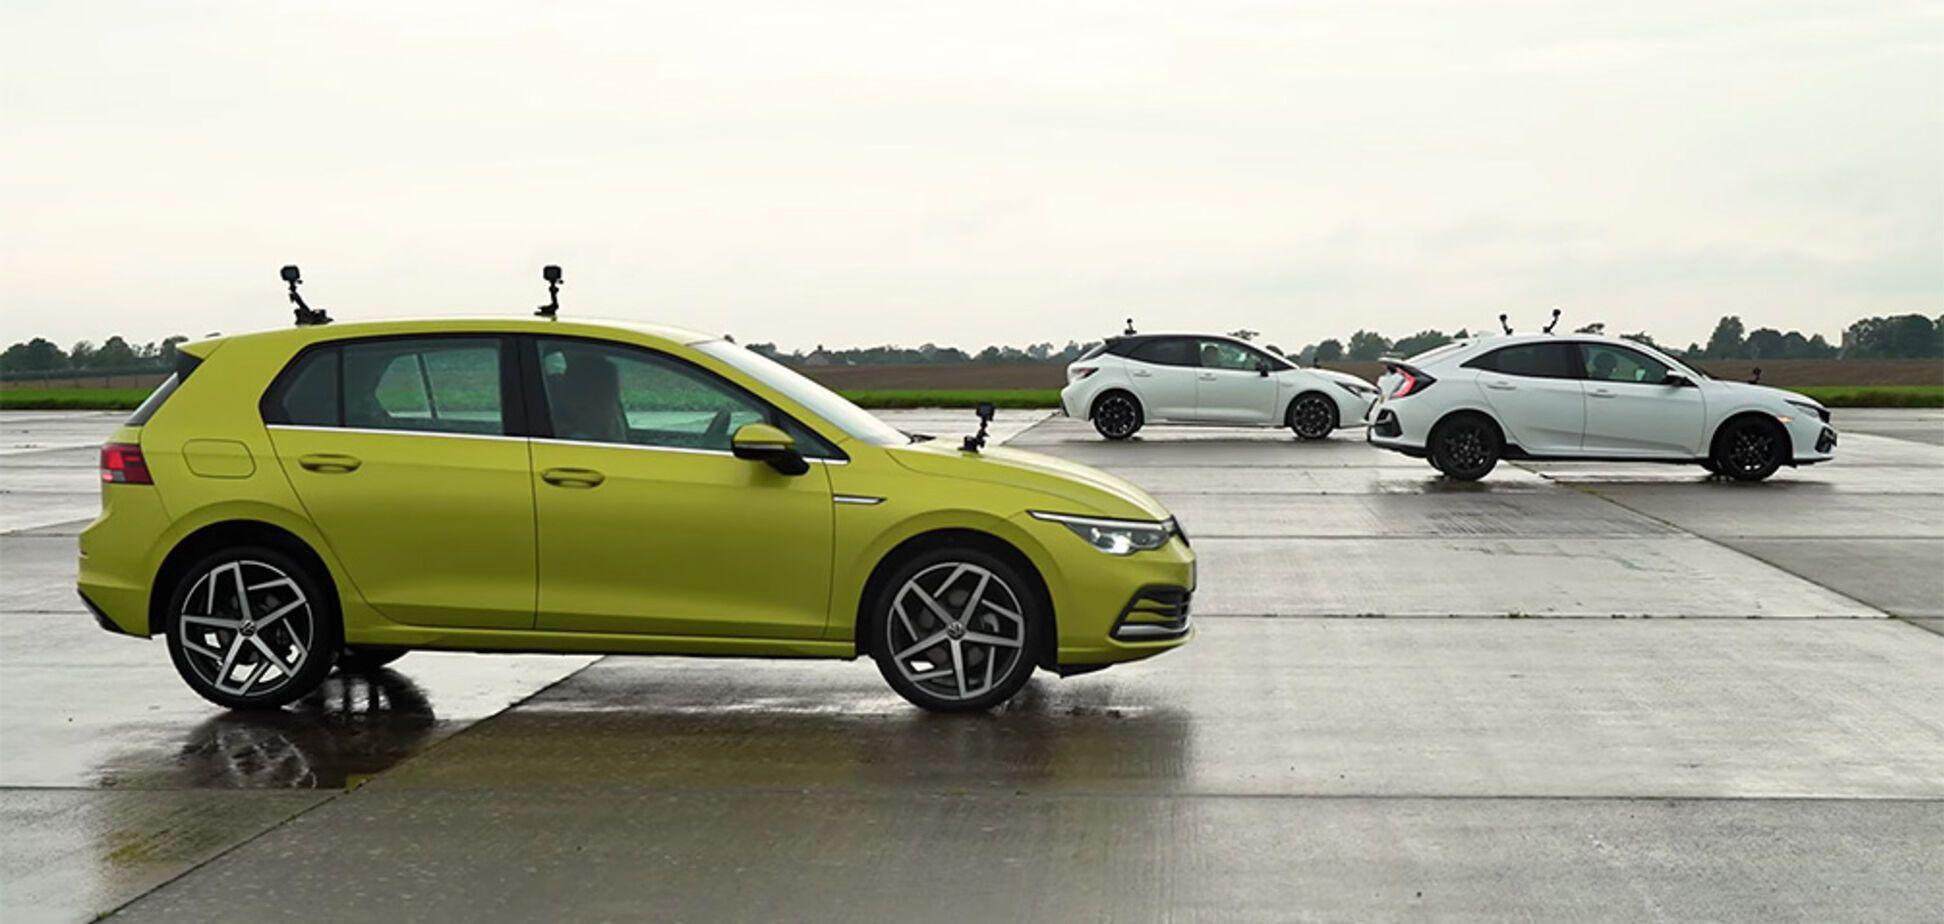 Популярну трійцю VW Golf, Toyota Corolla і Honda Civic порівняли на швидкість